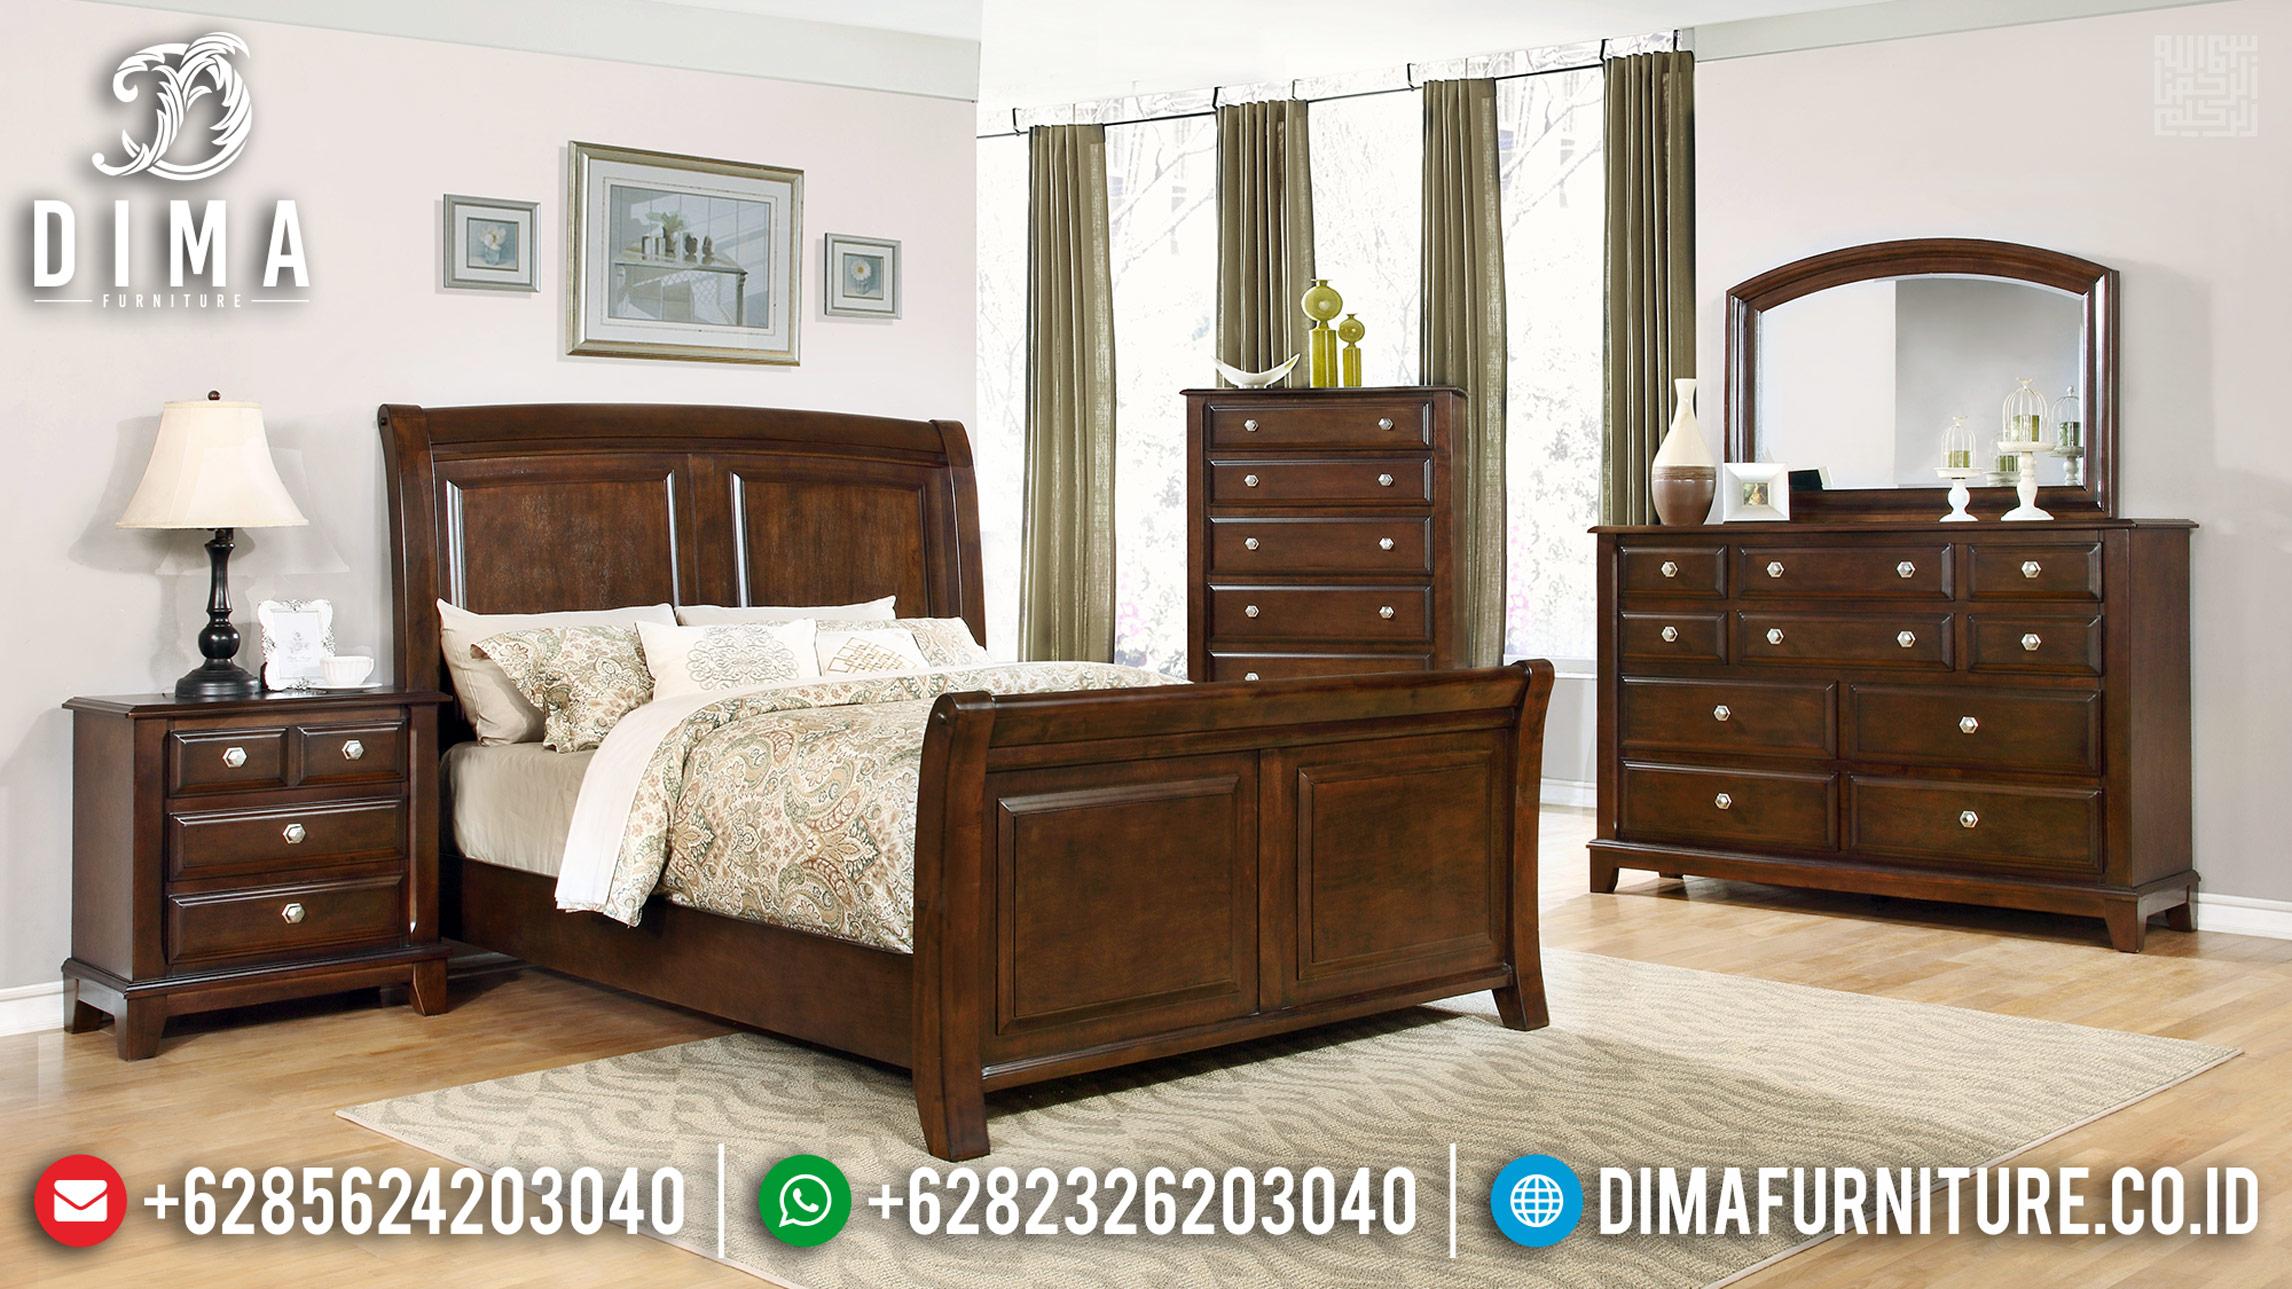 Jual Tempat Tidur Jati Jepara Natural Classic Rose Wood Color Glossy TTJ-0439